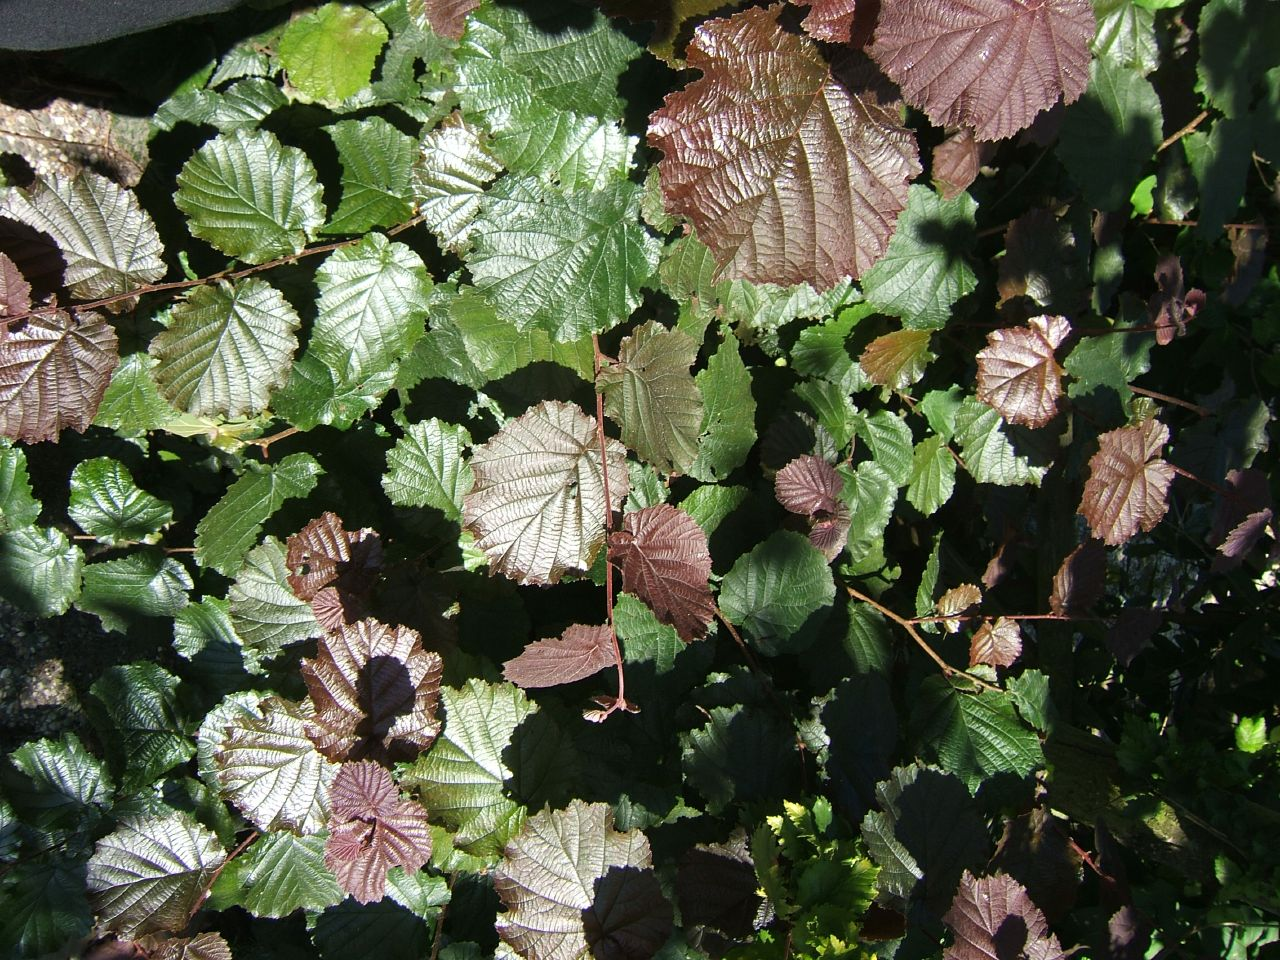 23 purple leaves: